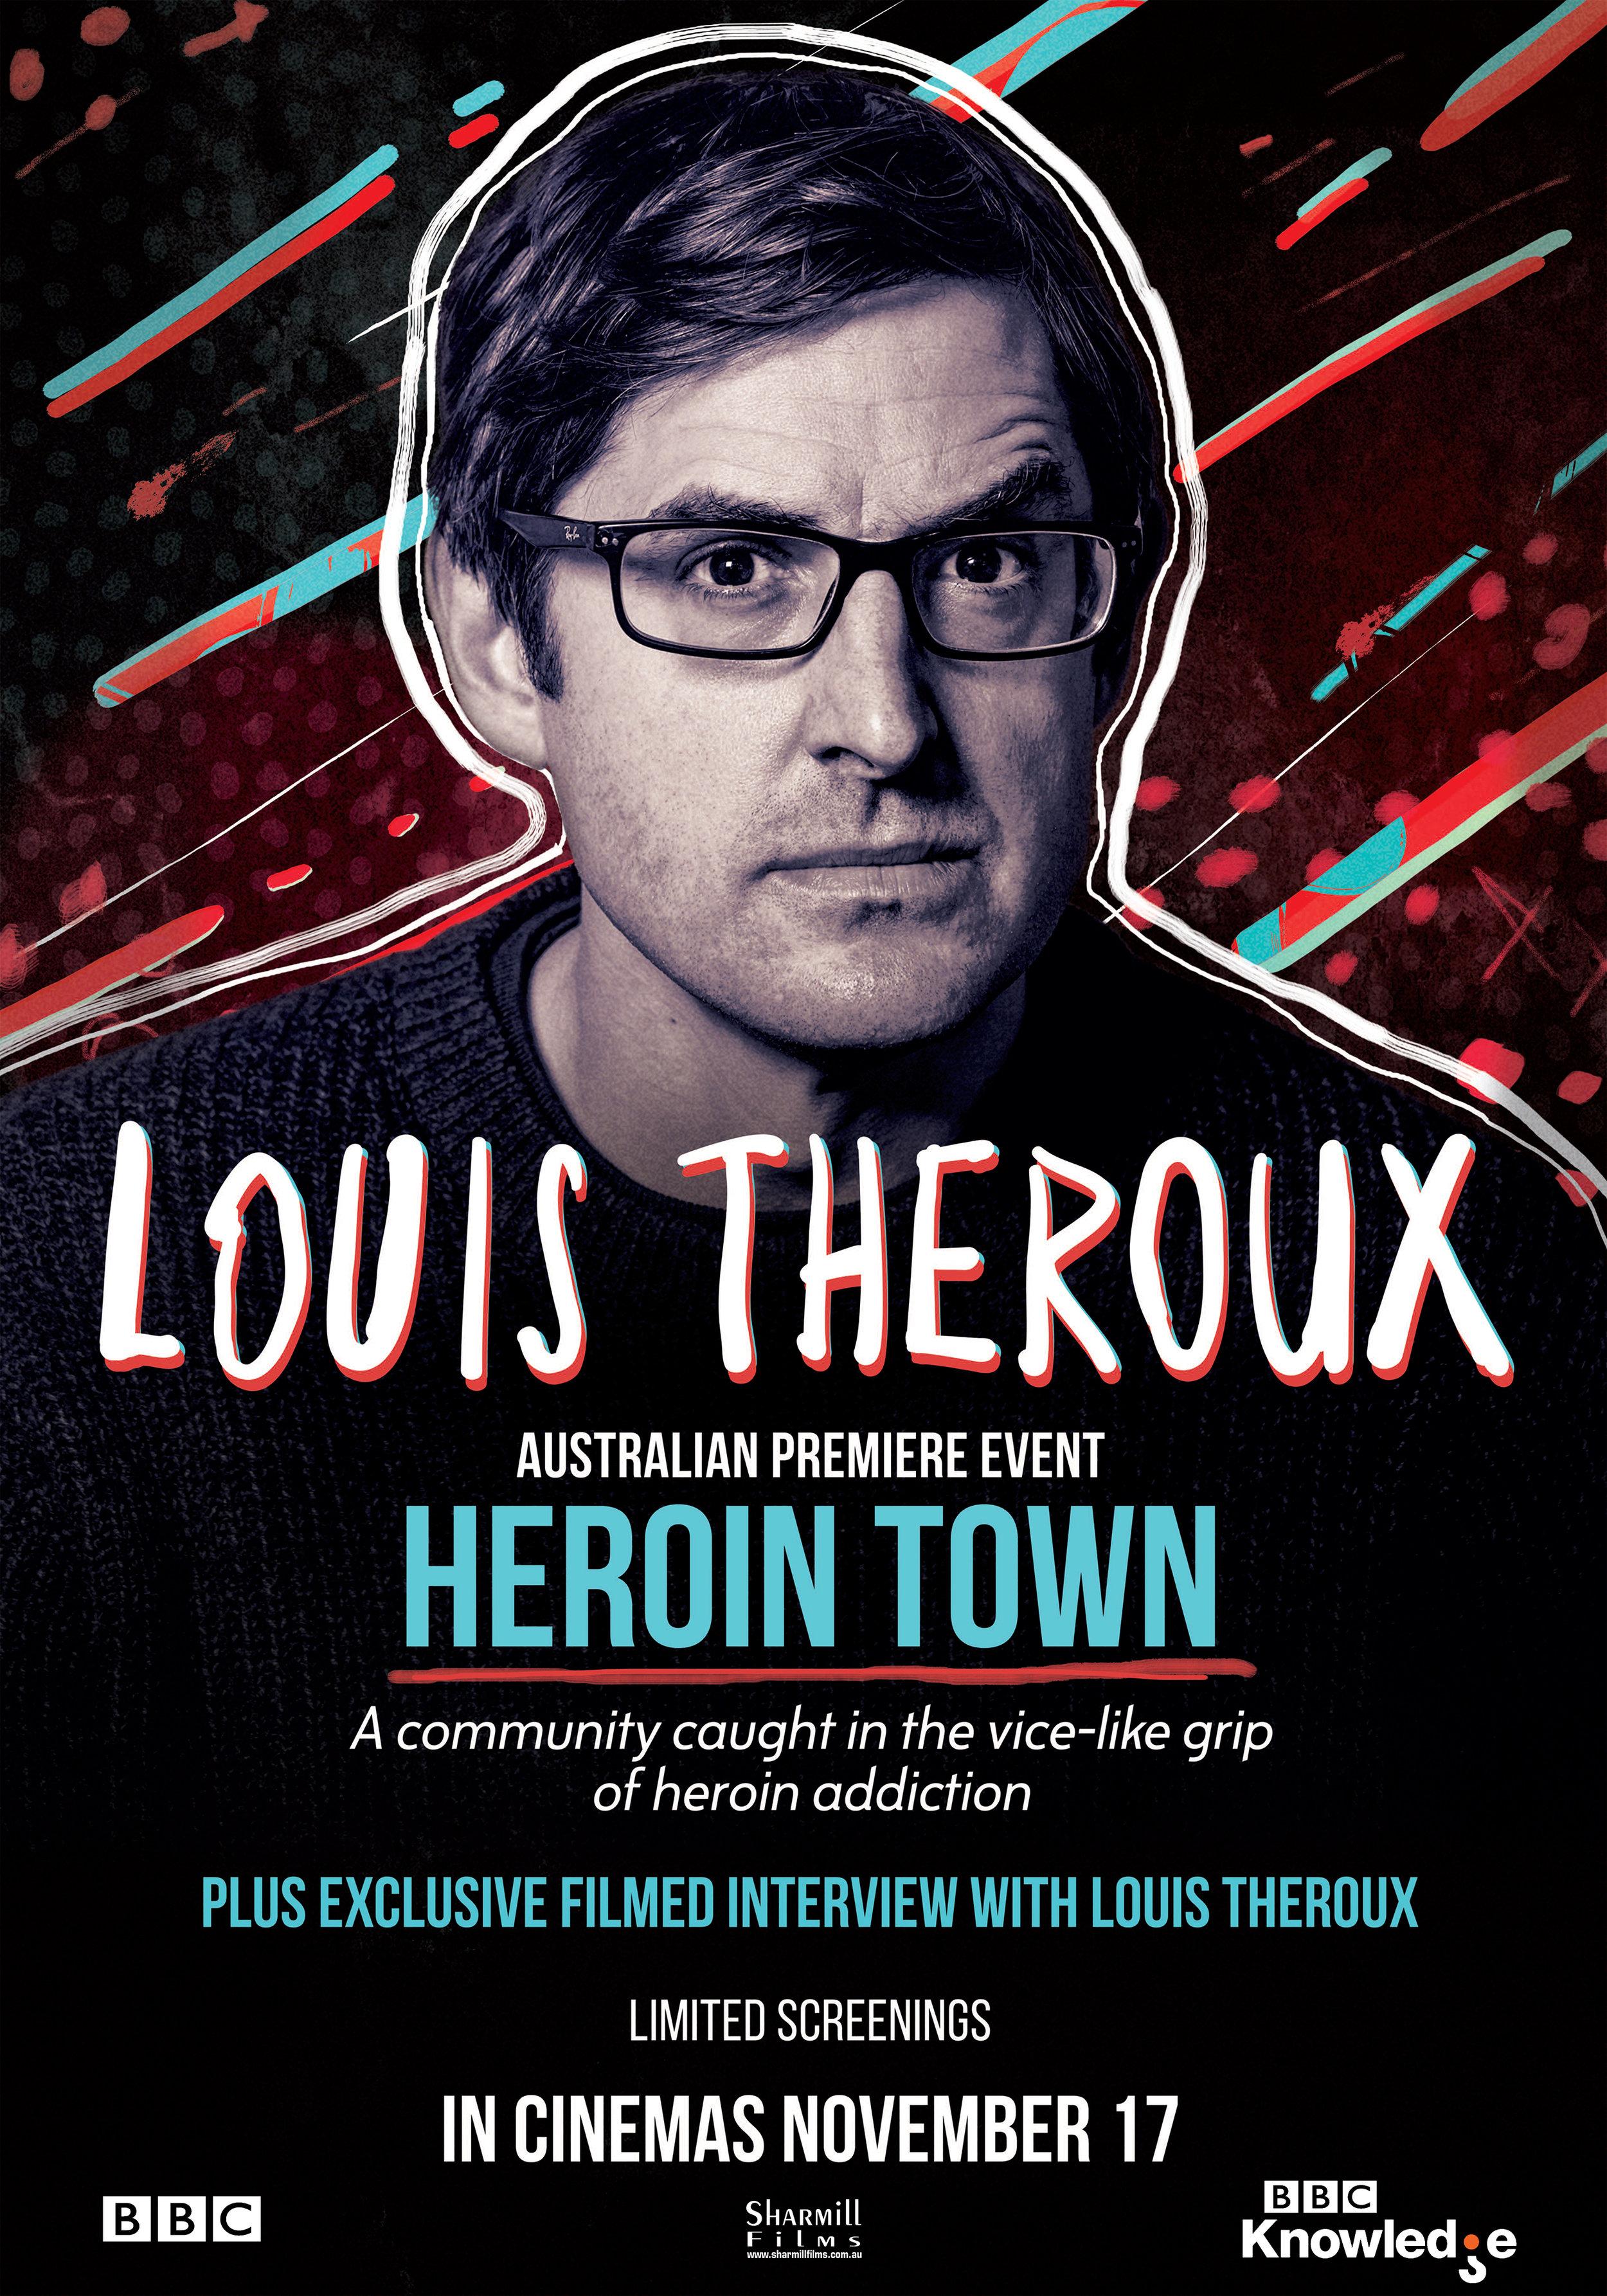 Louis-Theroux-Heroin-Town-700x1000-Poster-2017-SMV2.jpg